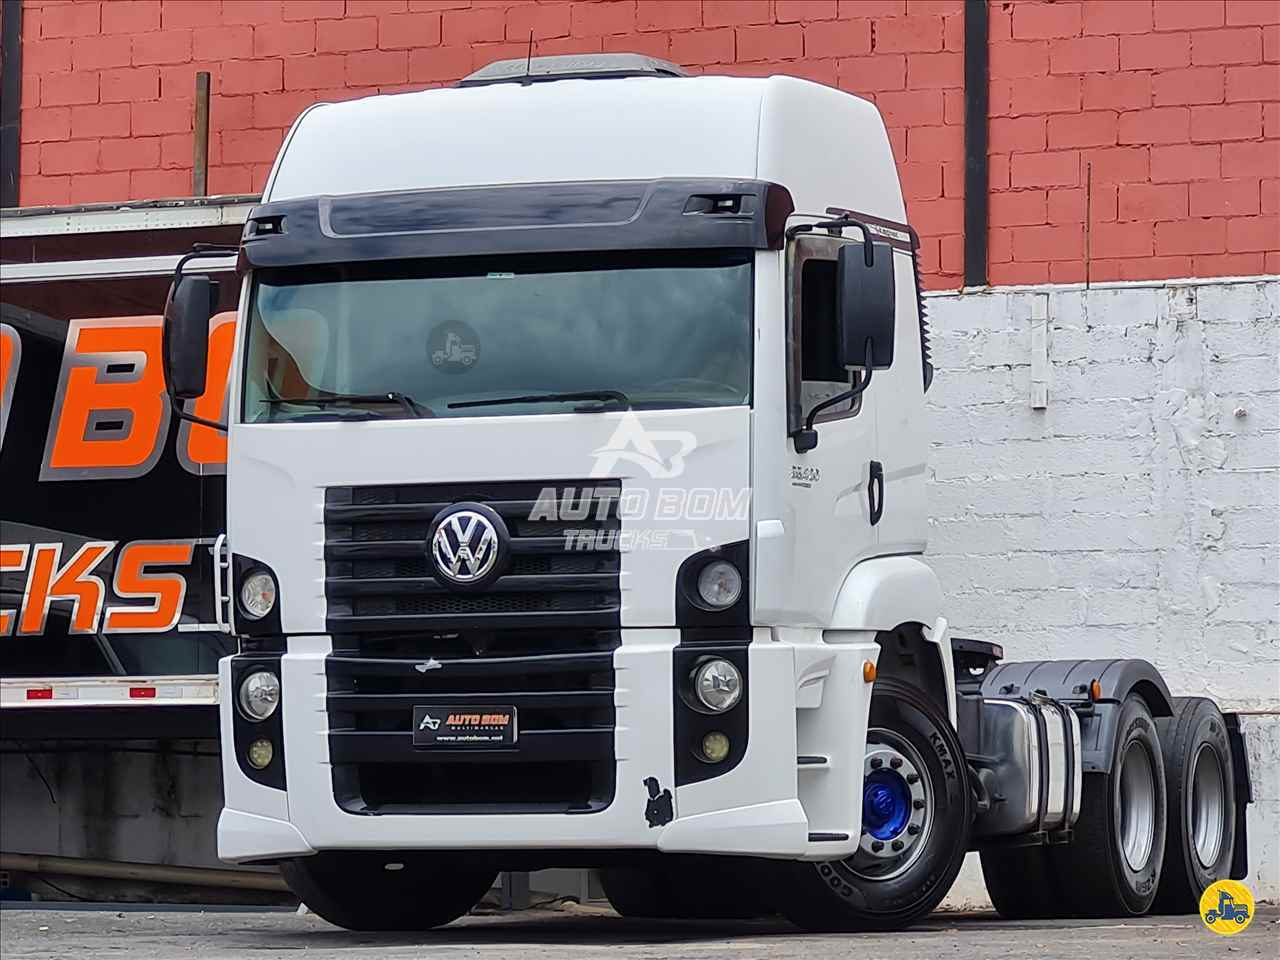 VW 25420 de Autobom Trucks - CONTAGEM/MG